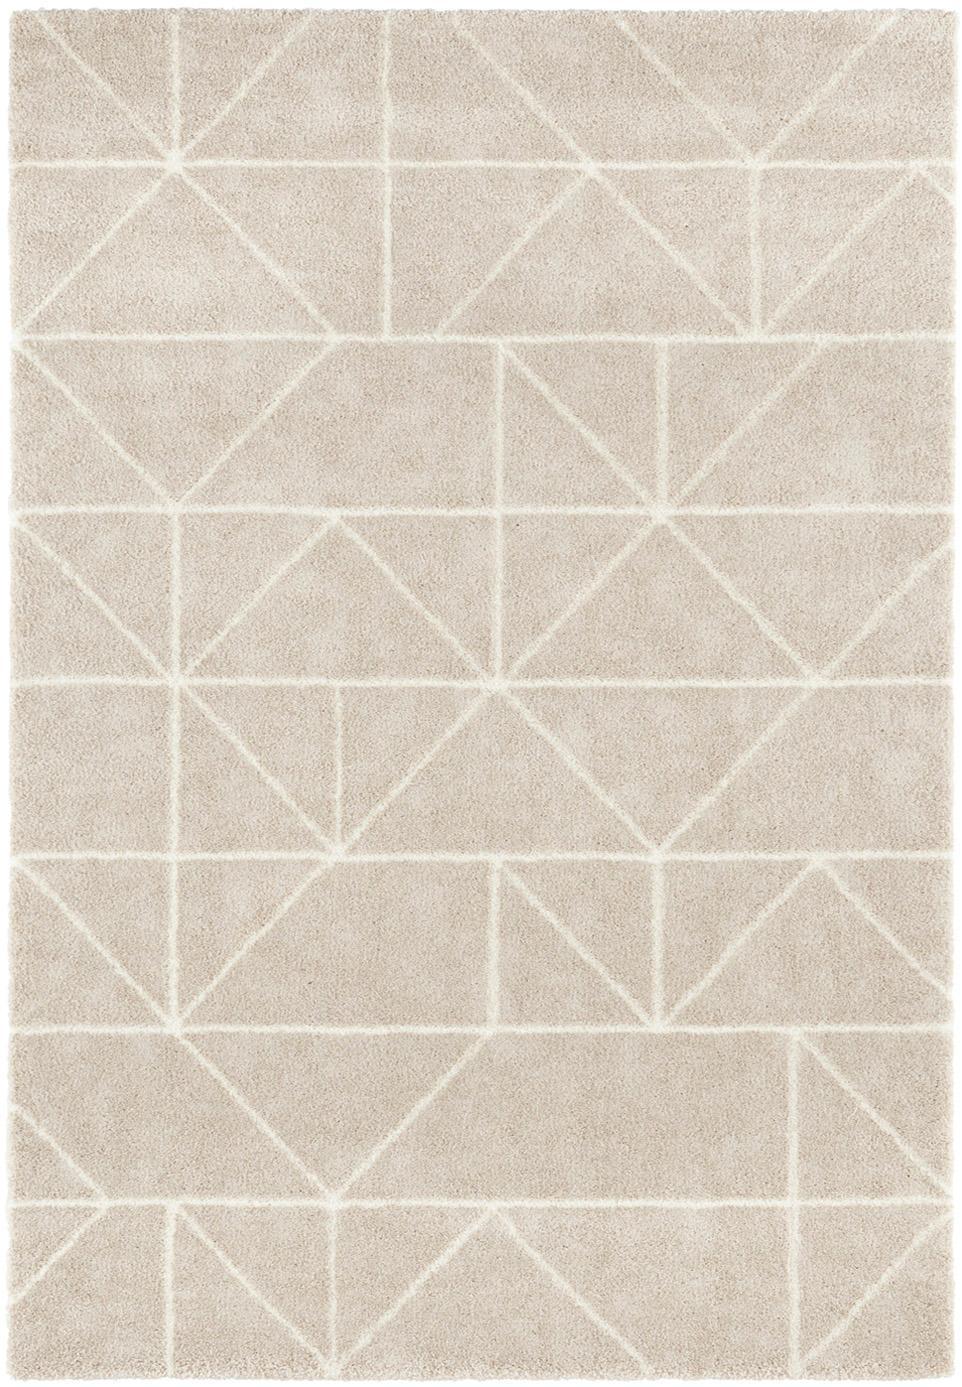 Alfombra Arles, Parte superior: 85%polipropileno, 15%po, Reverso: yute, Beige, crema, An 160 x L 230 cm (Tamaño M)